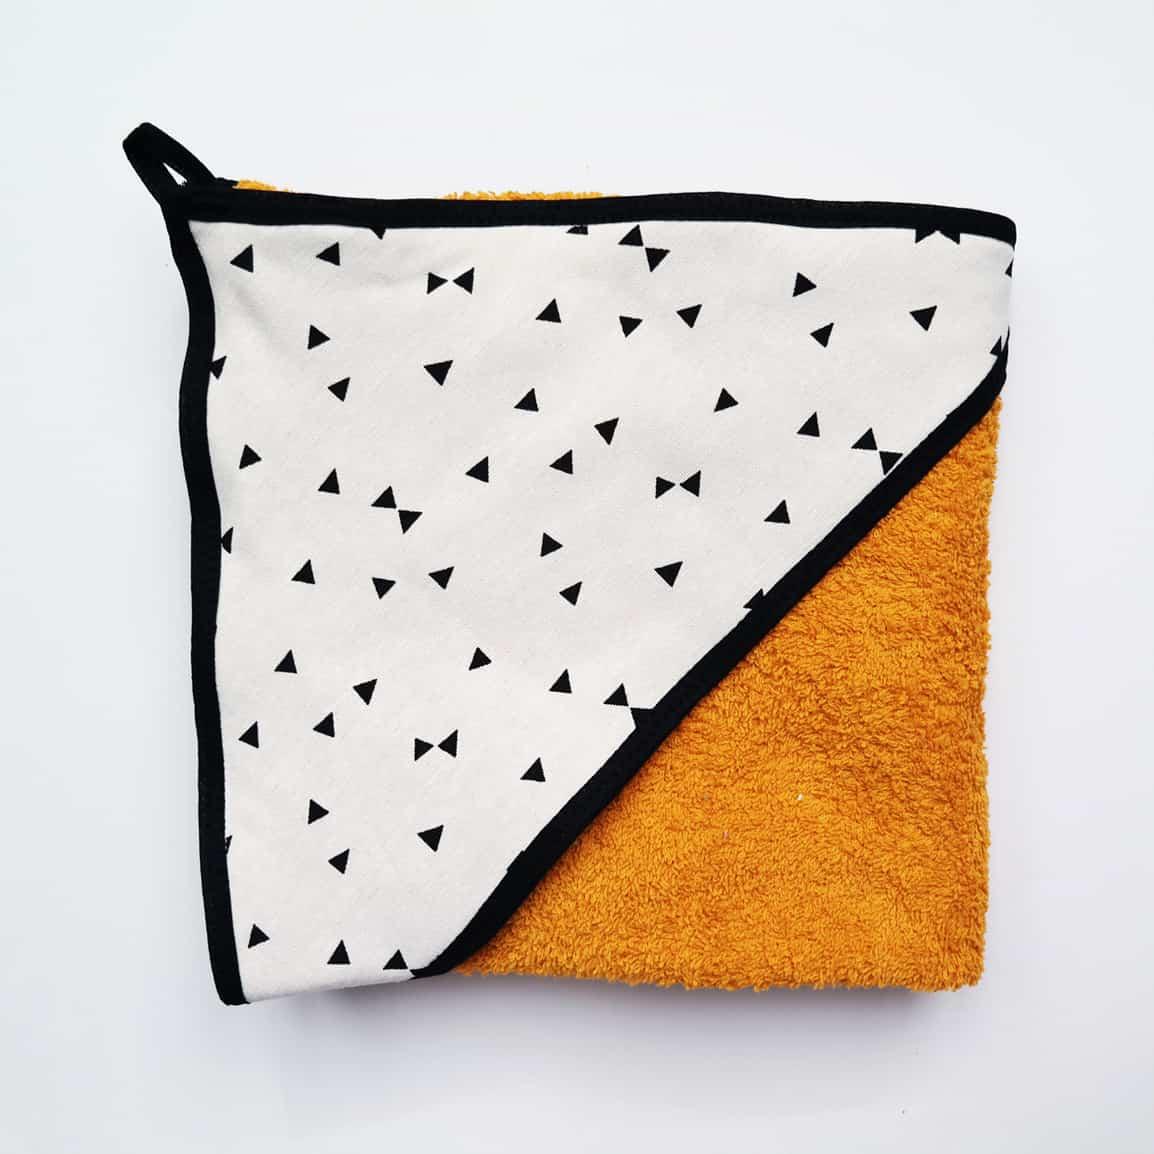 okergeel badstof badcape met zwarte triangle voor na het badderen